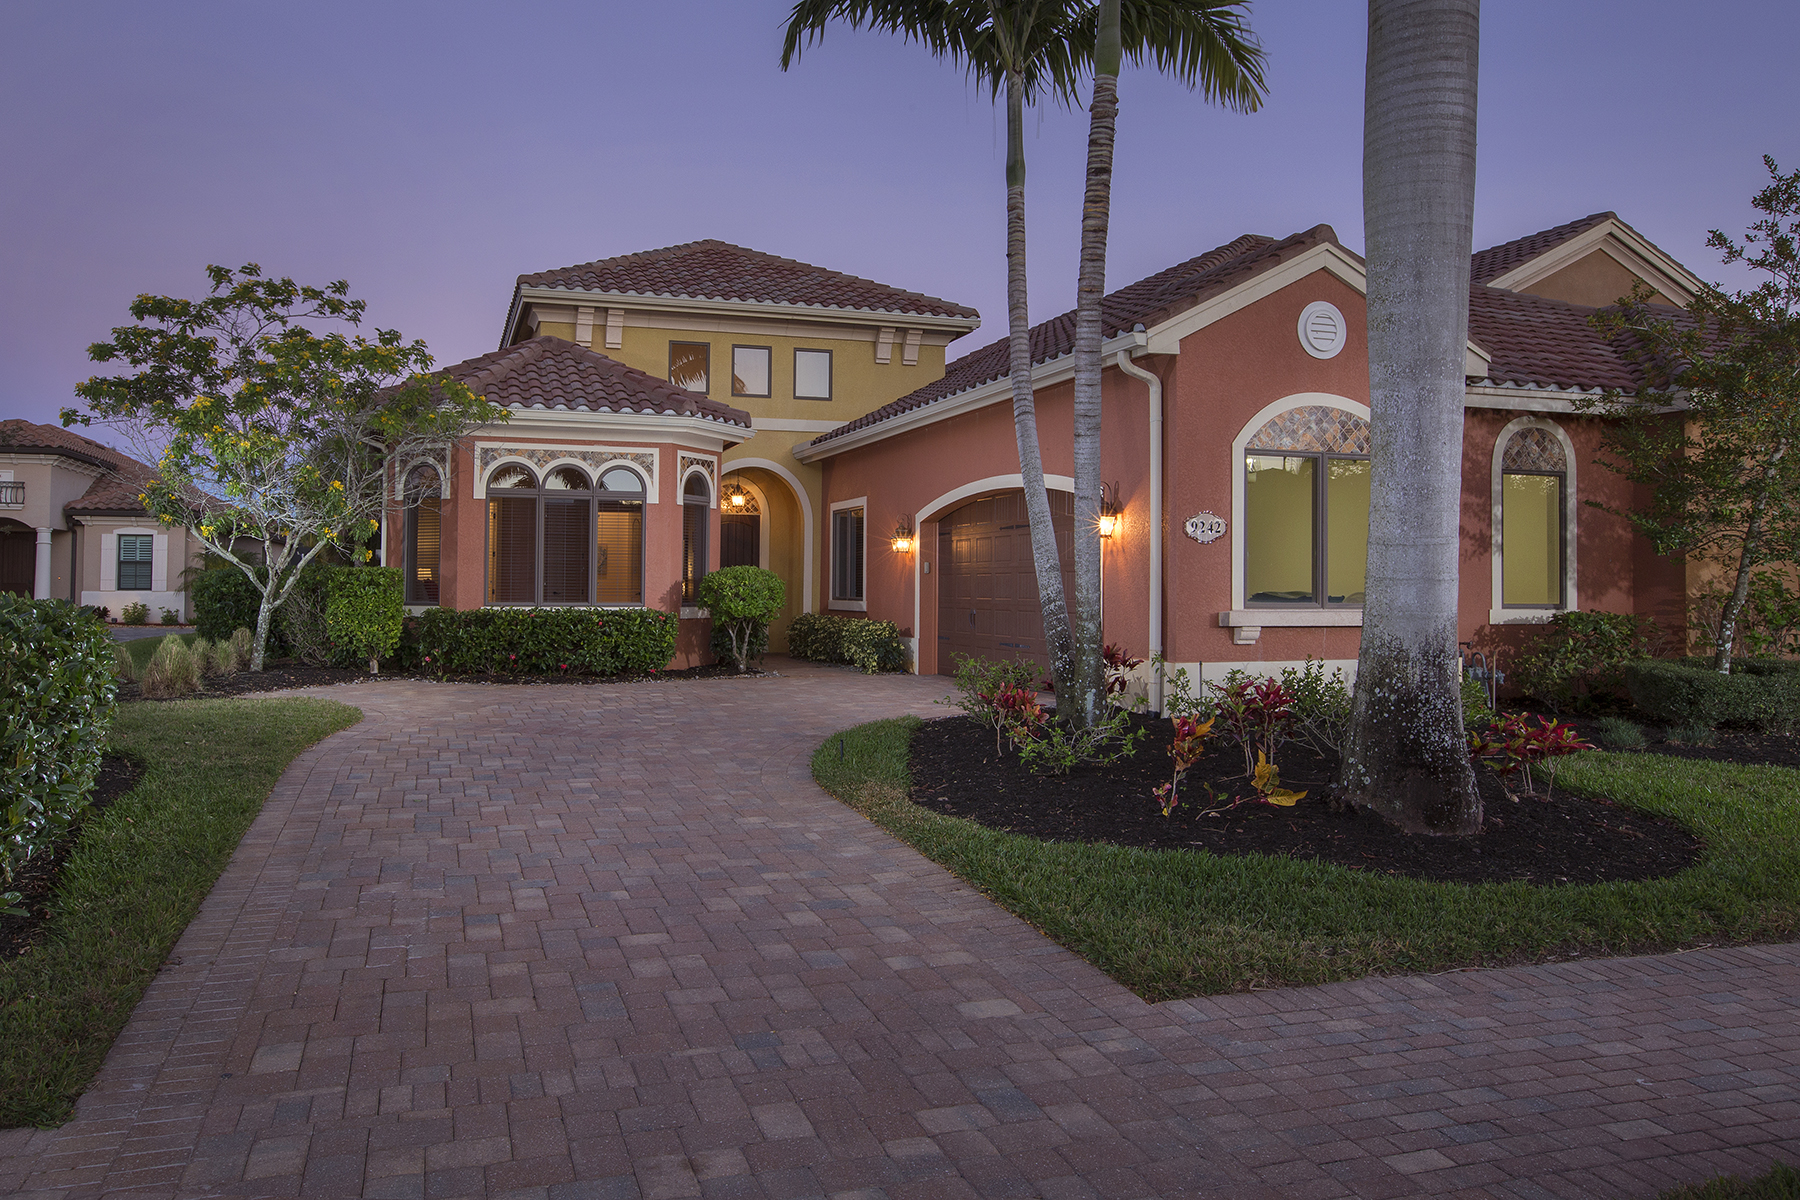 一戸建て のために 売買 アット TREVISO BAY - VIA VENETO 9242 Veneto Pl Naples, フロリダ, 34113 アメリカ合衆国